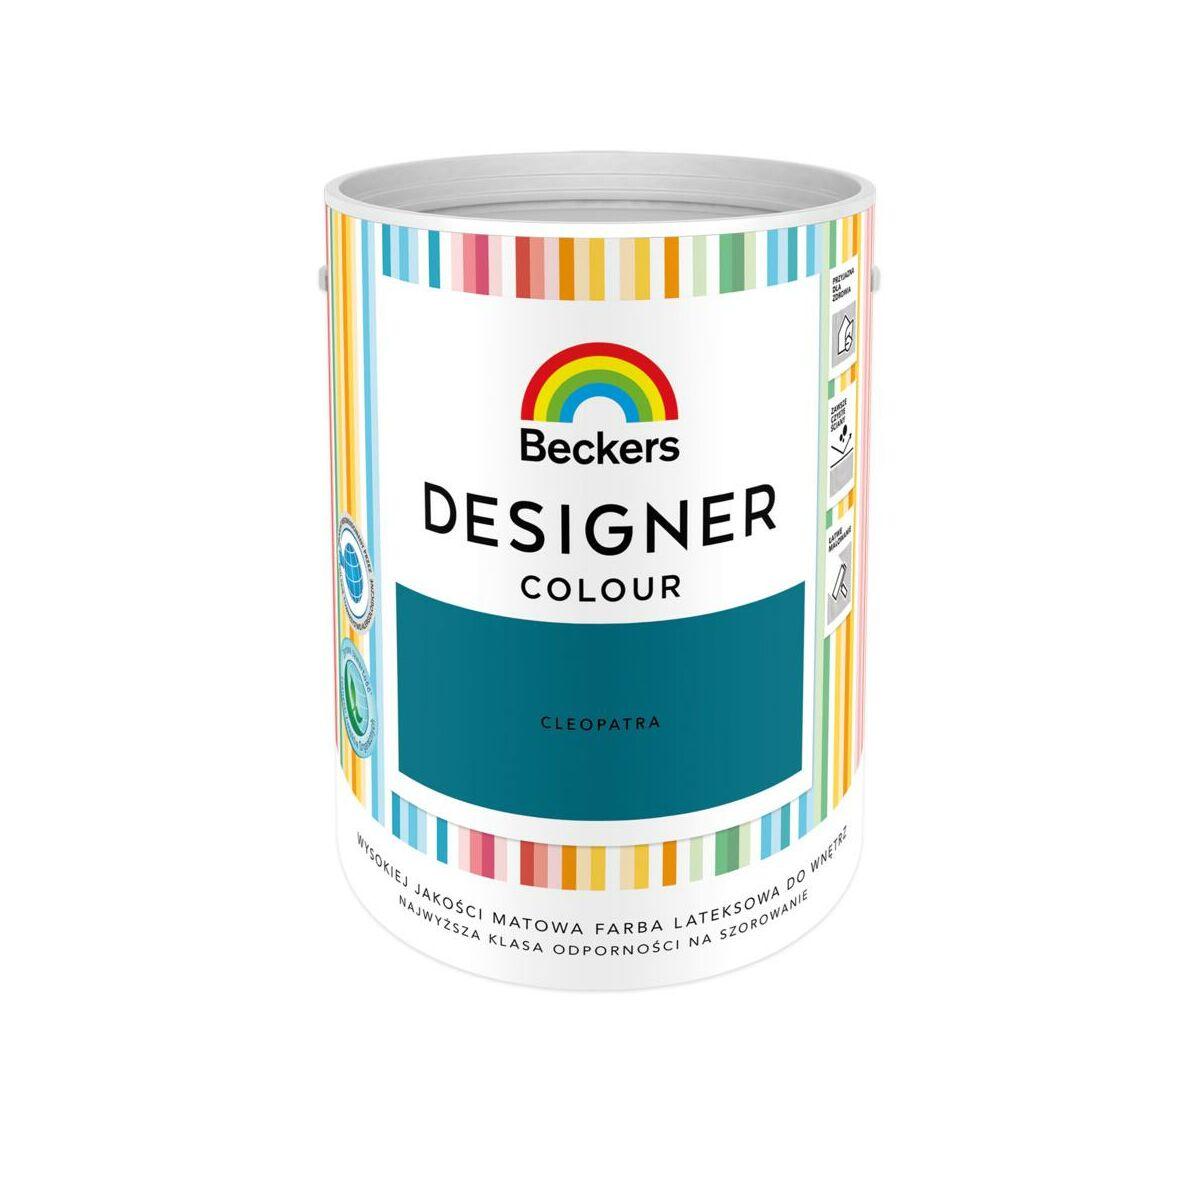 Farba Wewnetrzna Designer Colour 5 L Cleopatra Beckers Farby Scienne Kolorowe W Atrakcyjnej Cenie W Sklepach Leroy Merlin